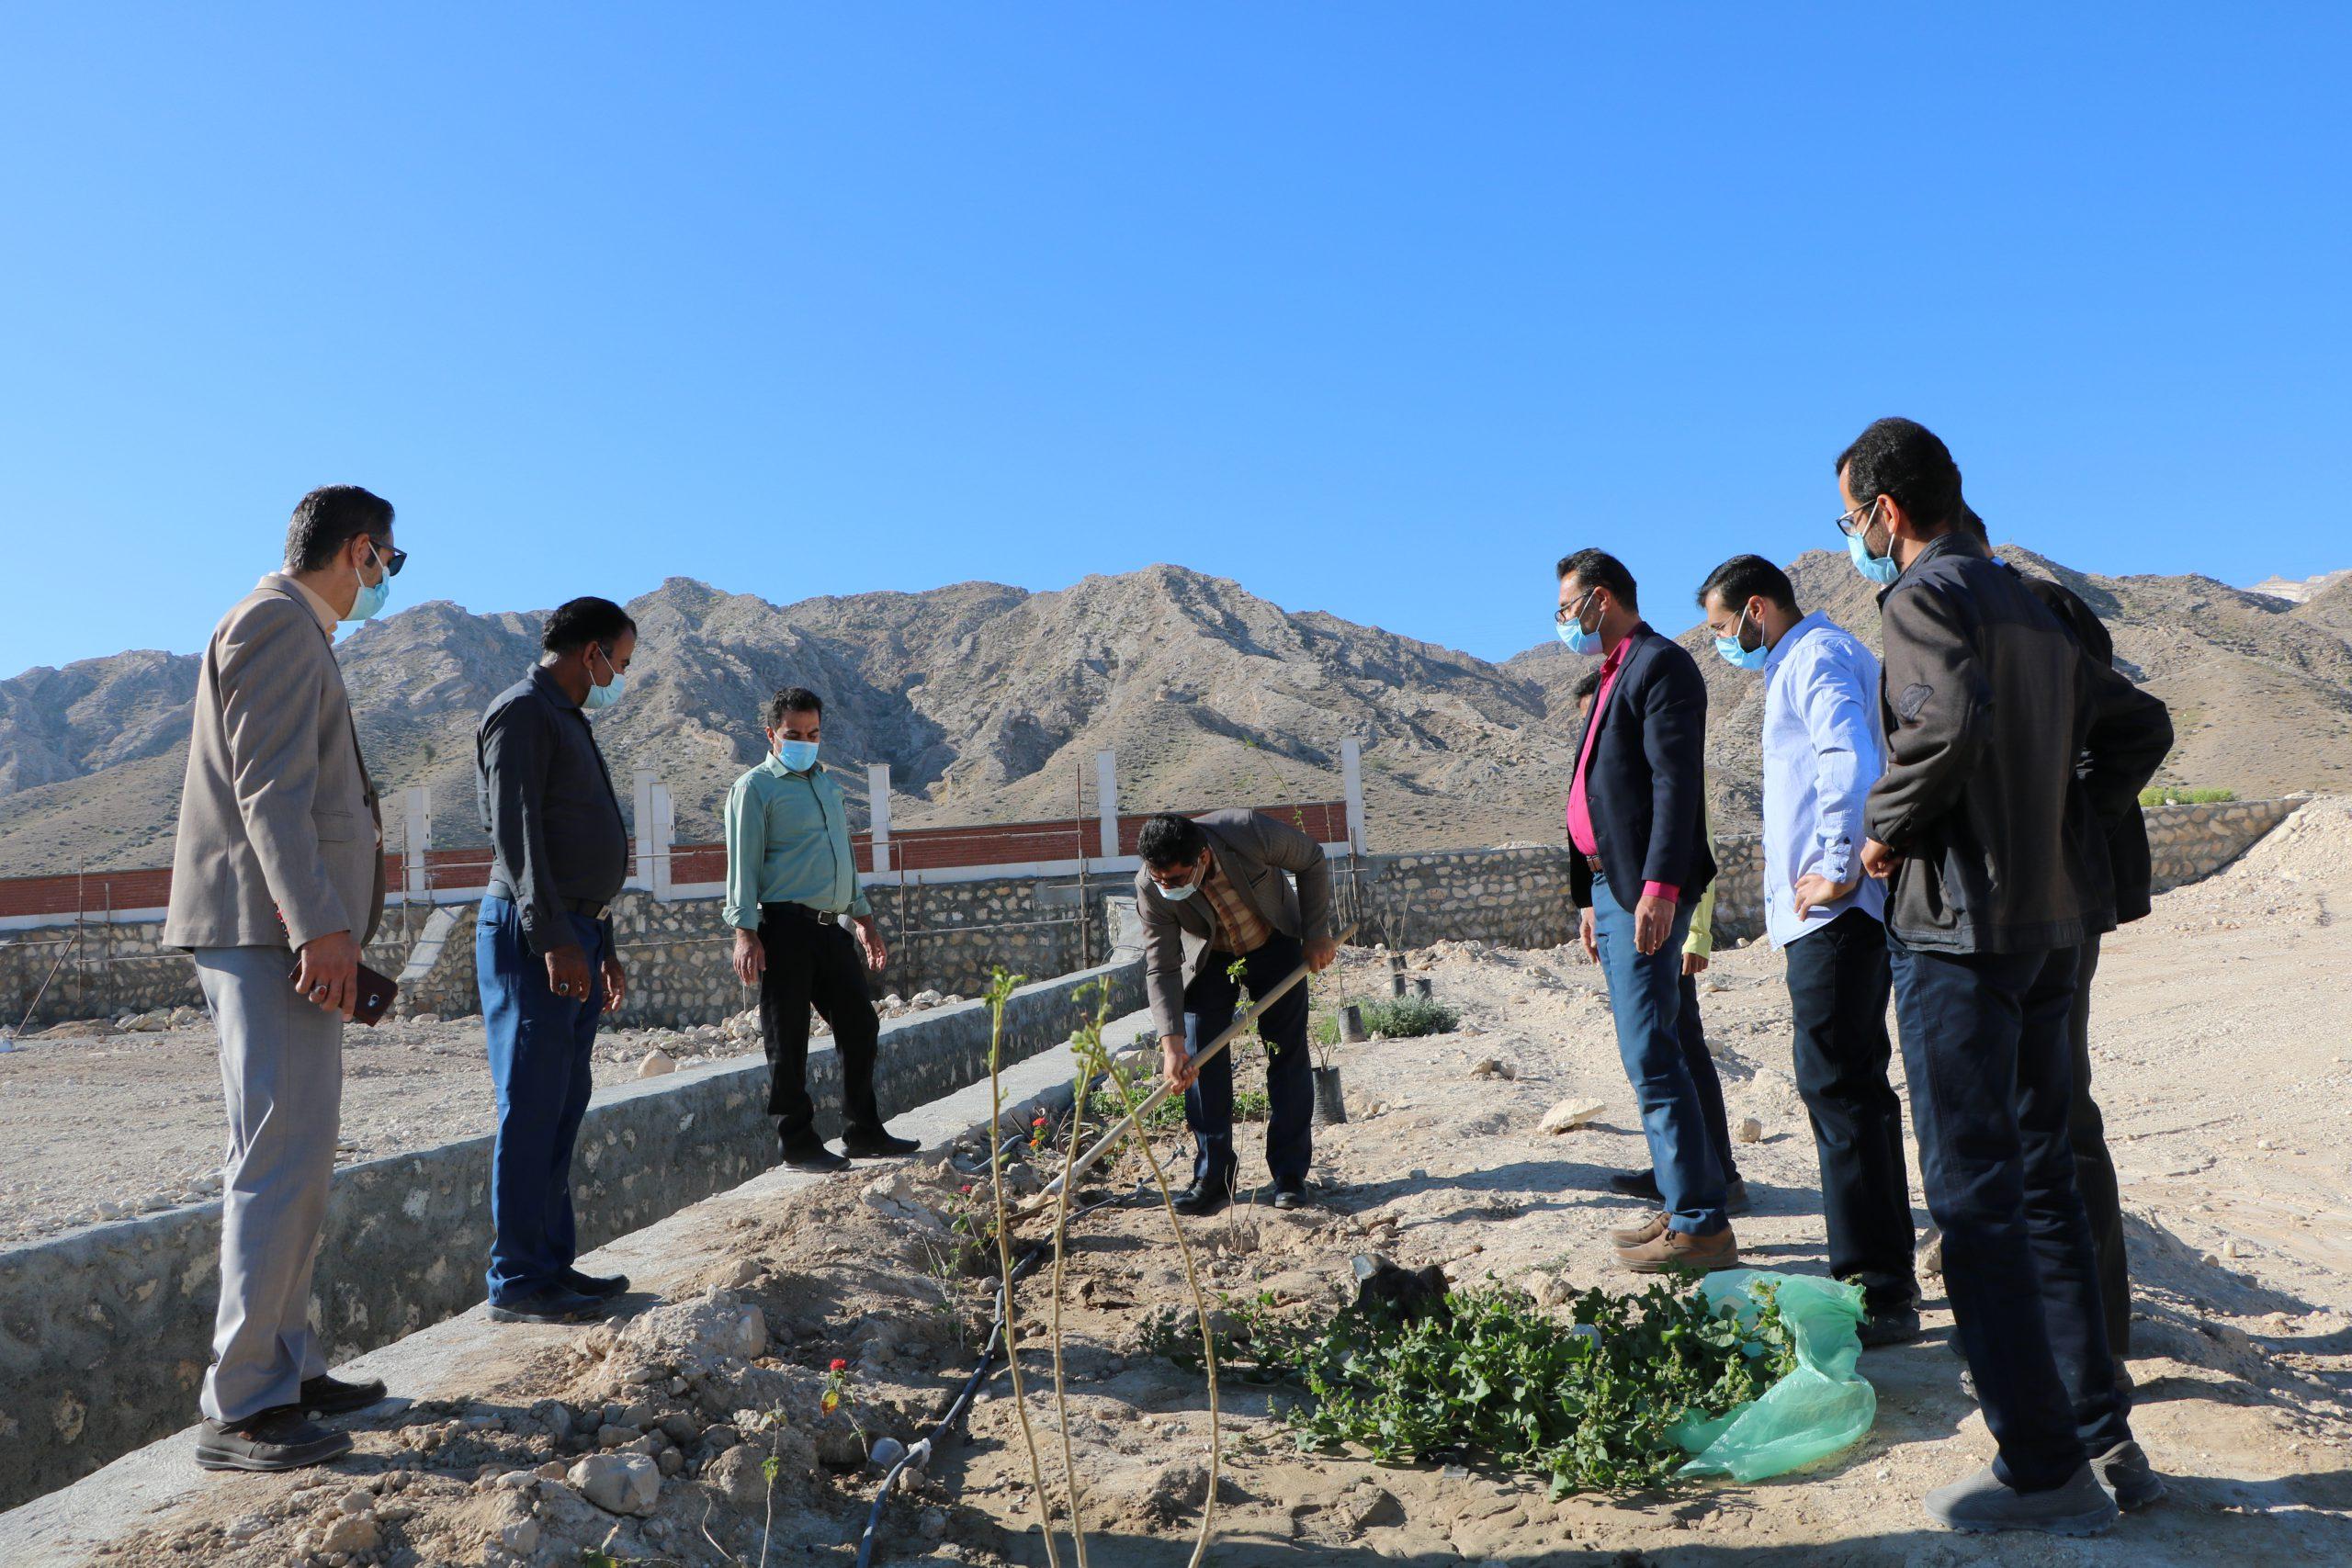 برگزاری مراسم درختکاری در دانشگاه دولتی لامرد